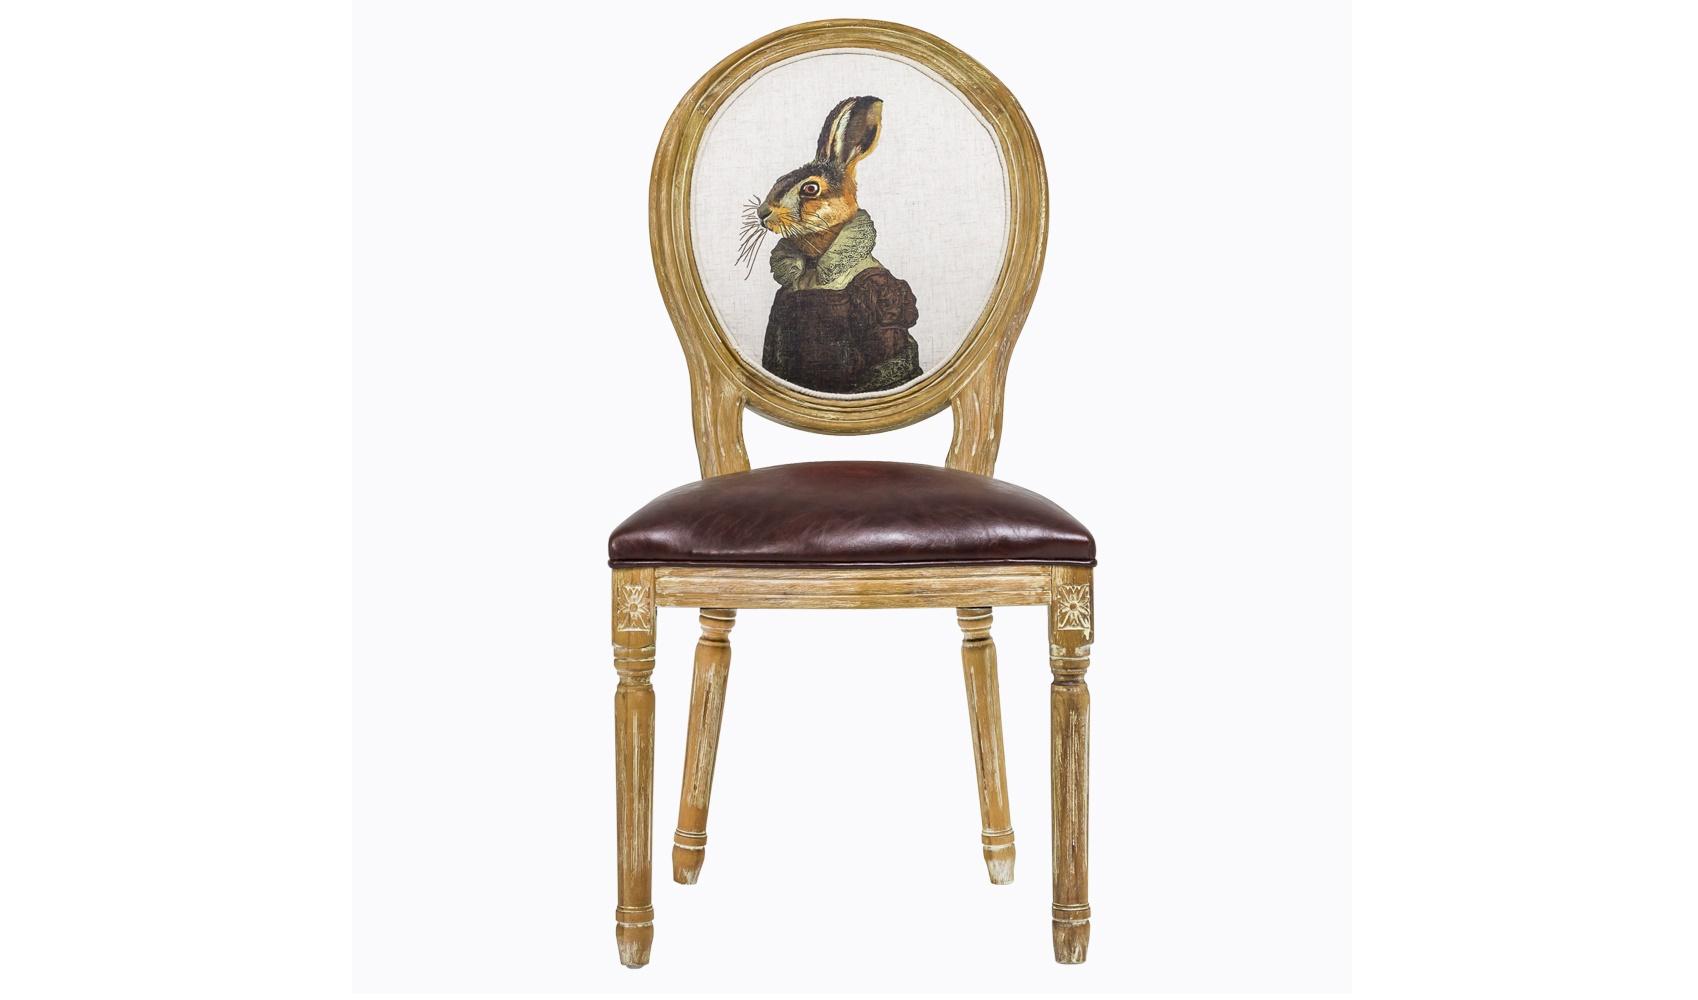 Стул «Мисс Зайка»Обеденные стулья<br>&amp;lt;div&amp;gt;Это не стул. Это ядреная смесь романтичного винтажа, французской роскоши и поп-арта. В центре внимания – овальная спинка-медальон с изображением экстравагантной зайки в старинном бальном платье. Ножки и основание стула выточены из цельной древесины и вручную покрыты филигранной резьбой, а для пущего эффекта – искусственно состарены и выбелены. Тканевая обивка пропитана специальным составом, который не только повышает прочность и долговечность материи, но и делает ее стойкой к загрязнениям. Обивка сиденья – эко-кожа. Вес – 7 кг.&amp;lt;/div&amp;gt;<br><br>Material: Кожа<br>Length см: 50<br>Width см: 57<br>Height см: 98